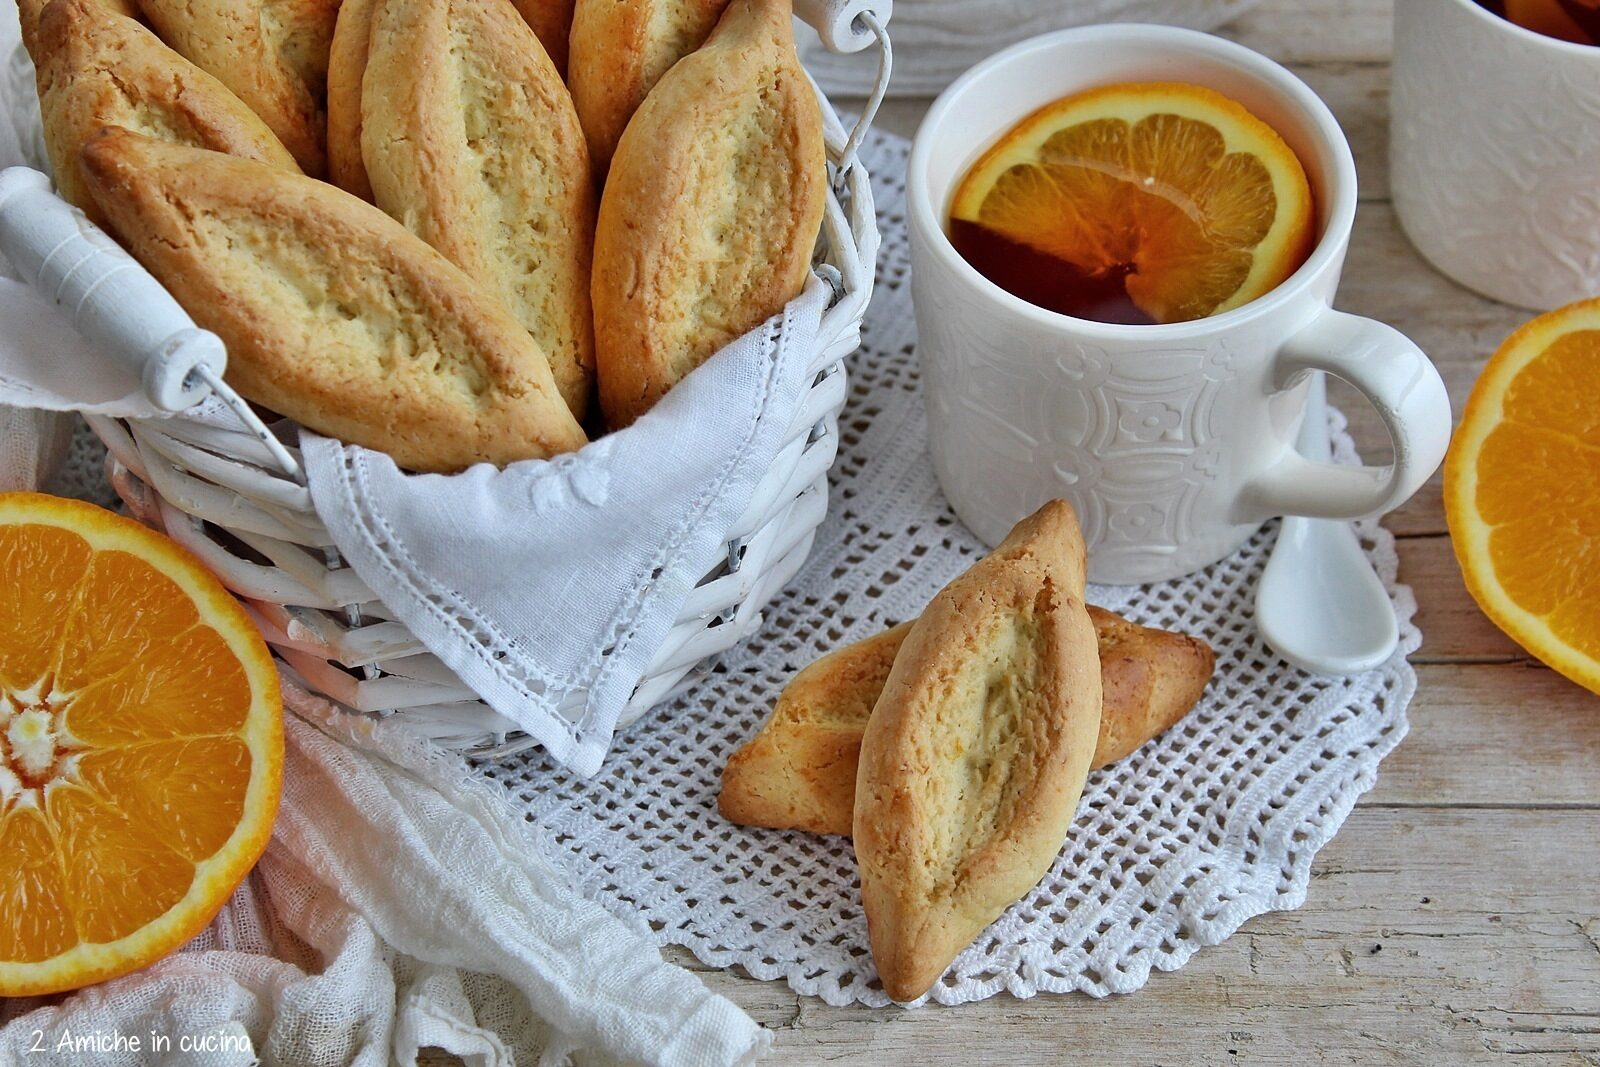 Navettes di Marsiglia, i biscotti francesi per il giorno della Candelora